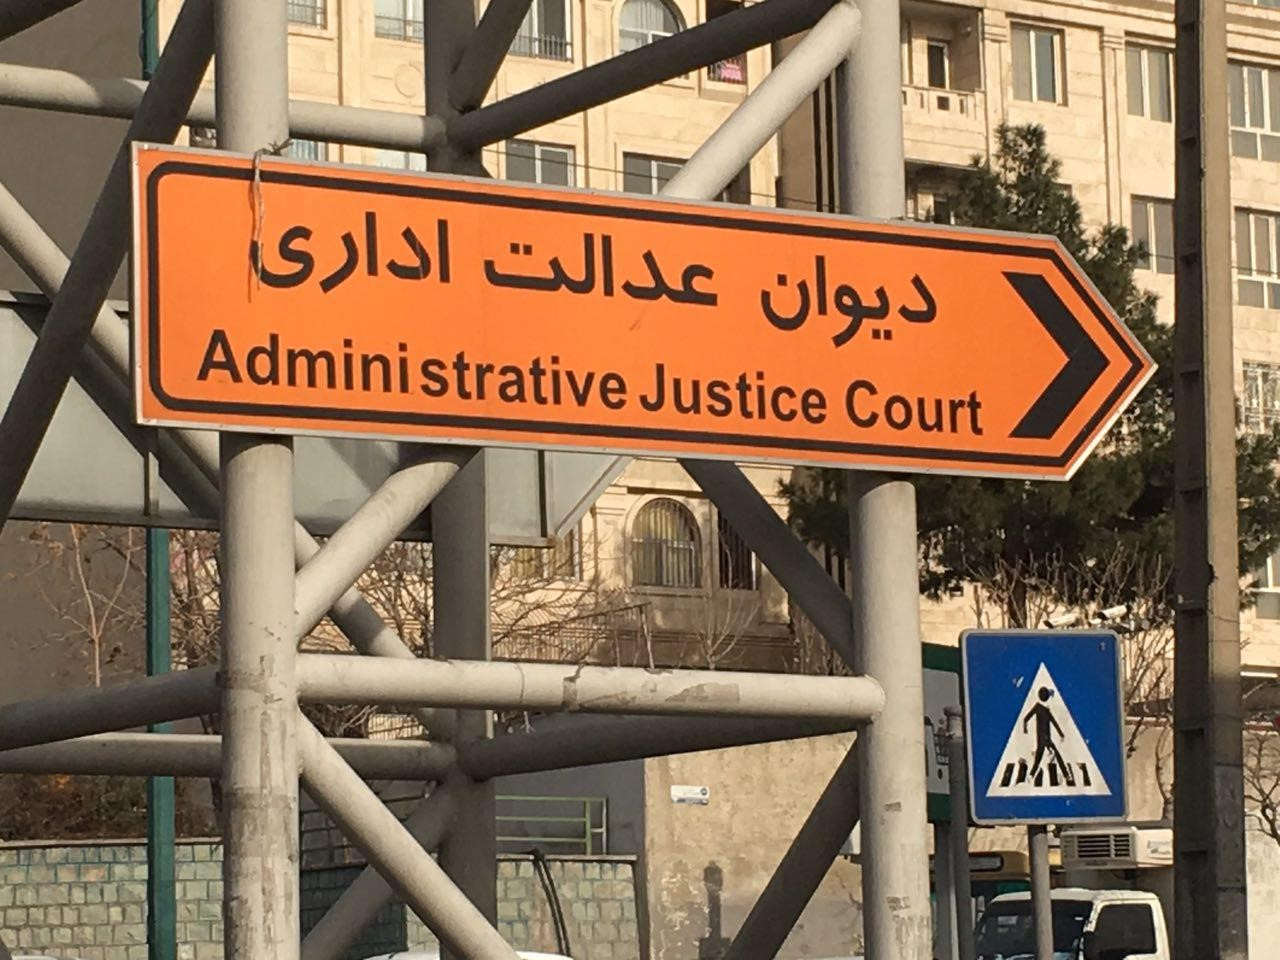 هزینه وکیل برای دیوان عدالت اداری